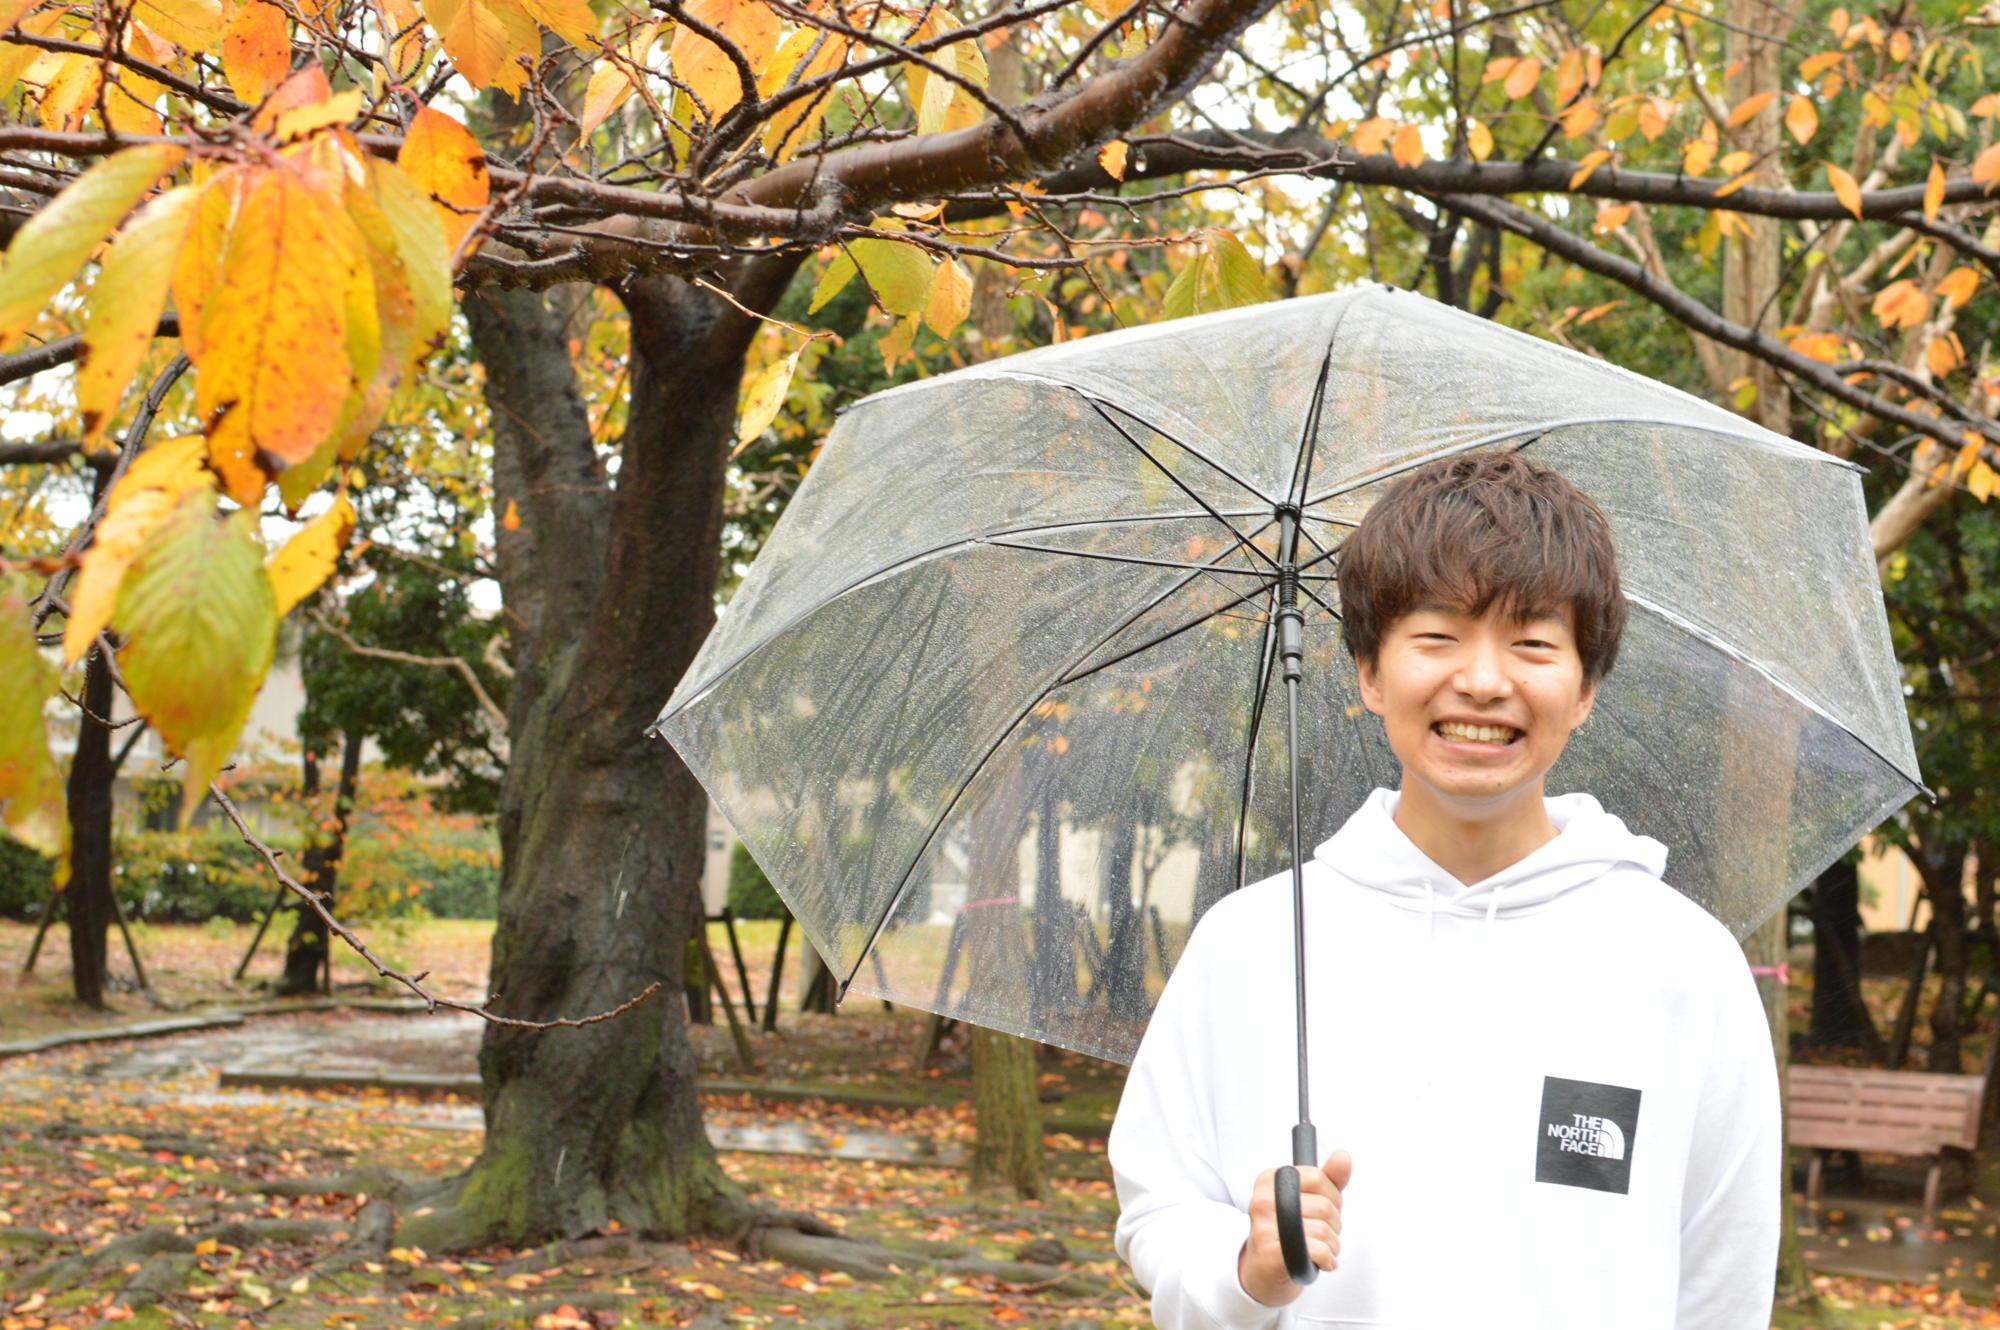 【写真】雨が降っている中、傘をさして笑顔のかわさきすぐるさん